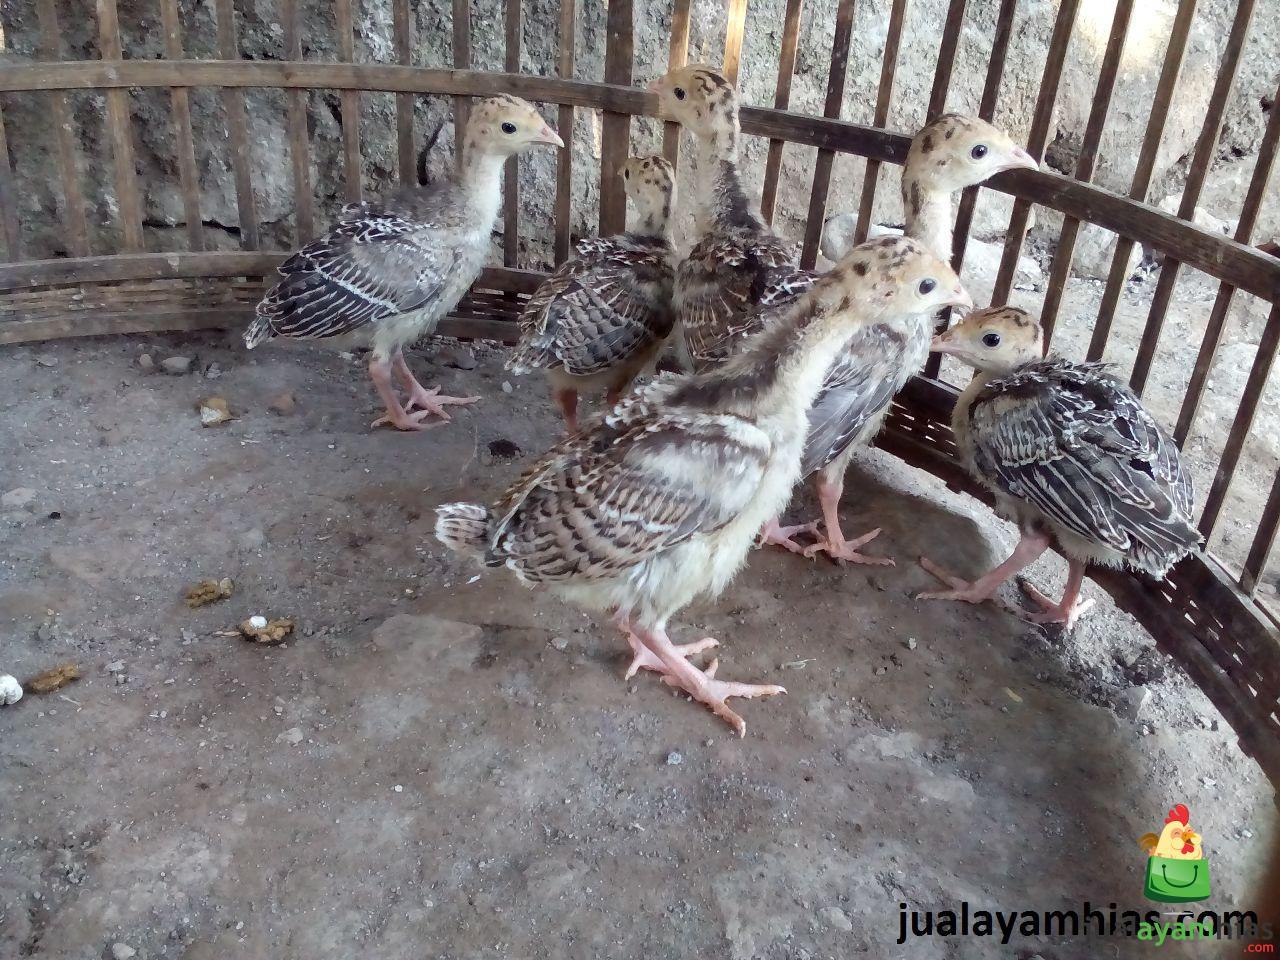 Ayam Kalkun Bronze Umur 1 Bulan 2 Cara Mudah Membuat Tempat Mengeram untuk Ayam Kalkun Jual Ayam Hias HP : 08564 77 23 888   BERKUALITAS DAN TERPERCAYA Cara Mudah Membuat Tempat Mengeram untuk Ayam Kalkun Cara Mudah Membuat Tempat Mengeram untuk Ayam Kalkun